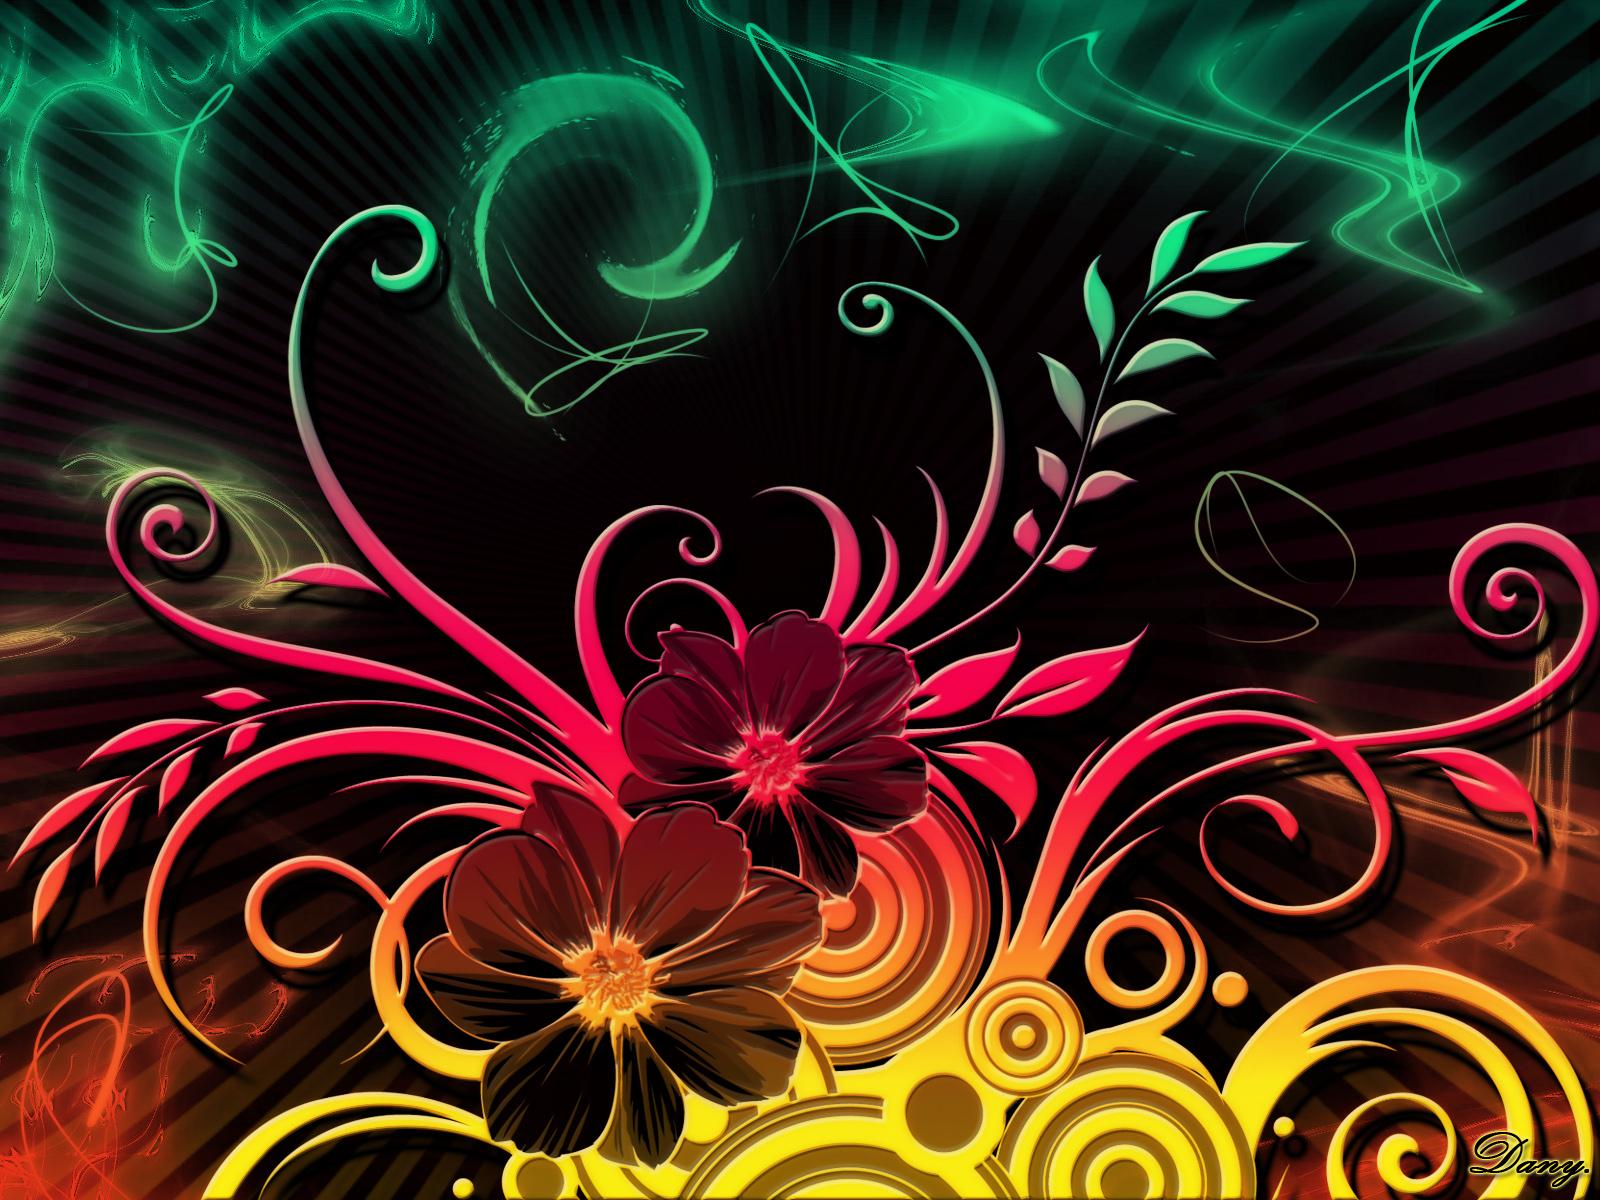 43 Colorful Desktop Backgrounds   Technosamrat 1600x1200